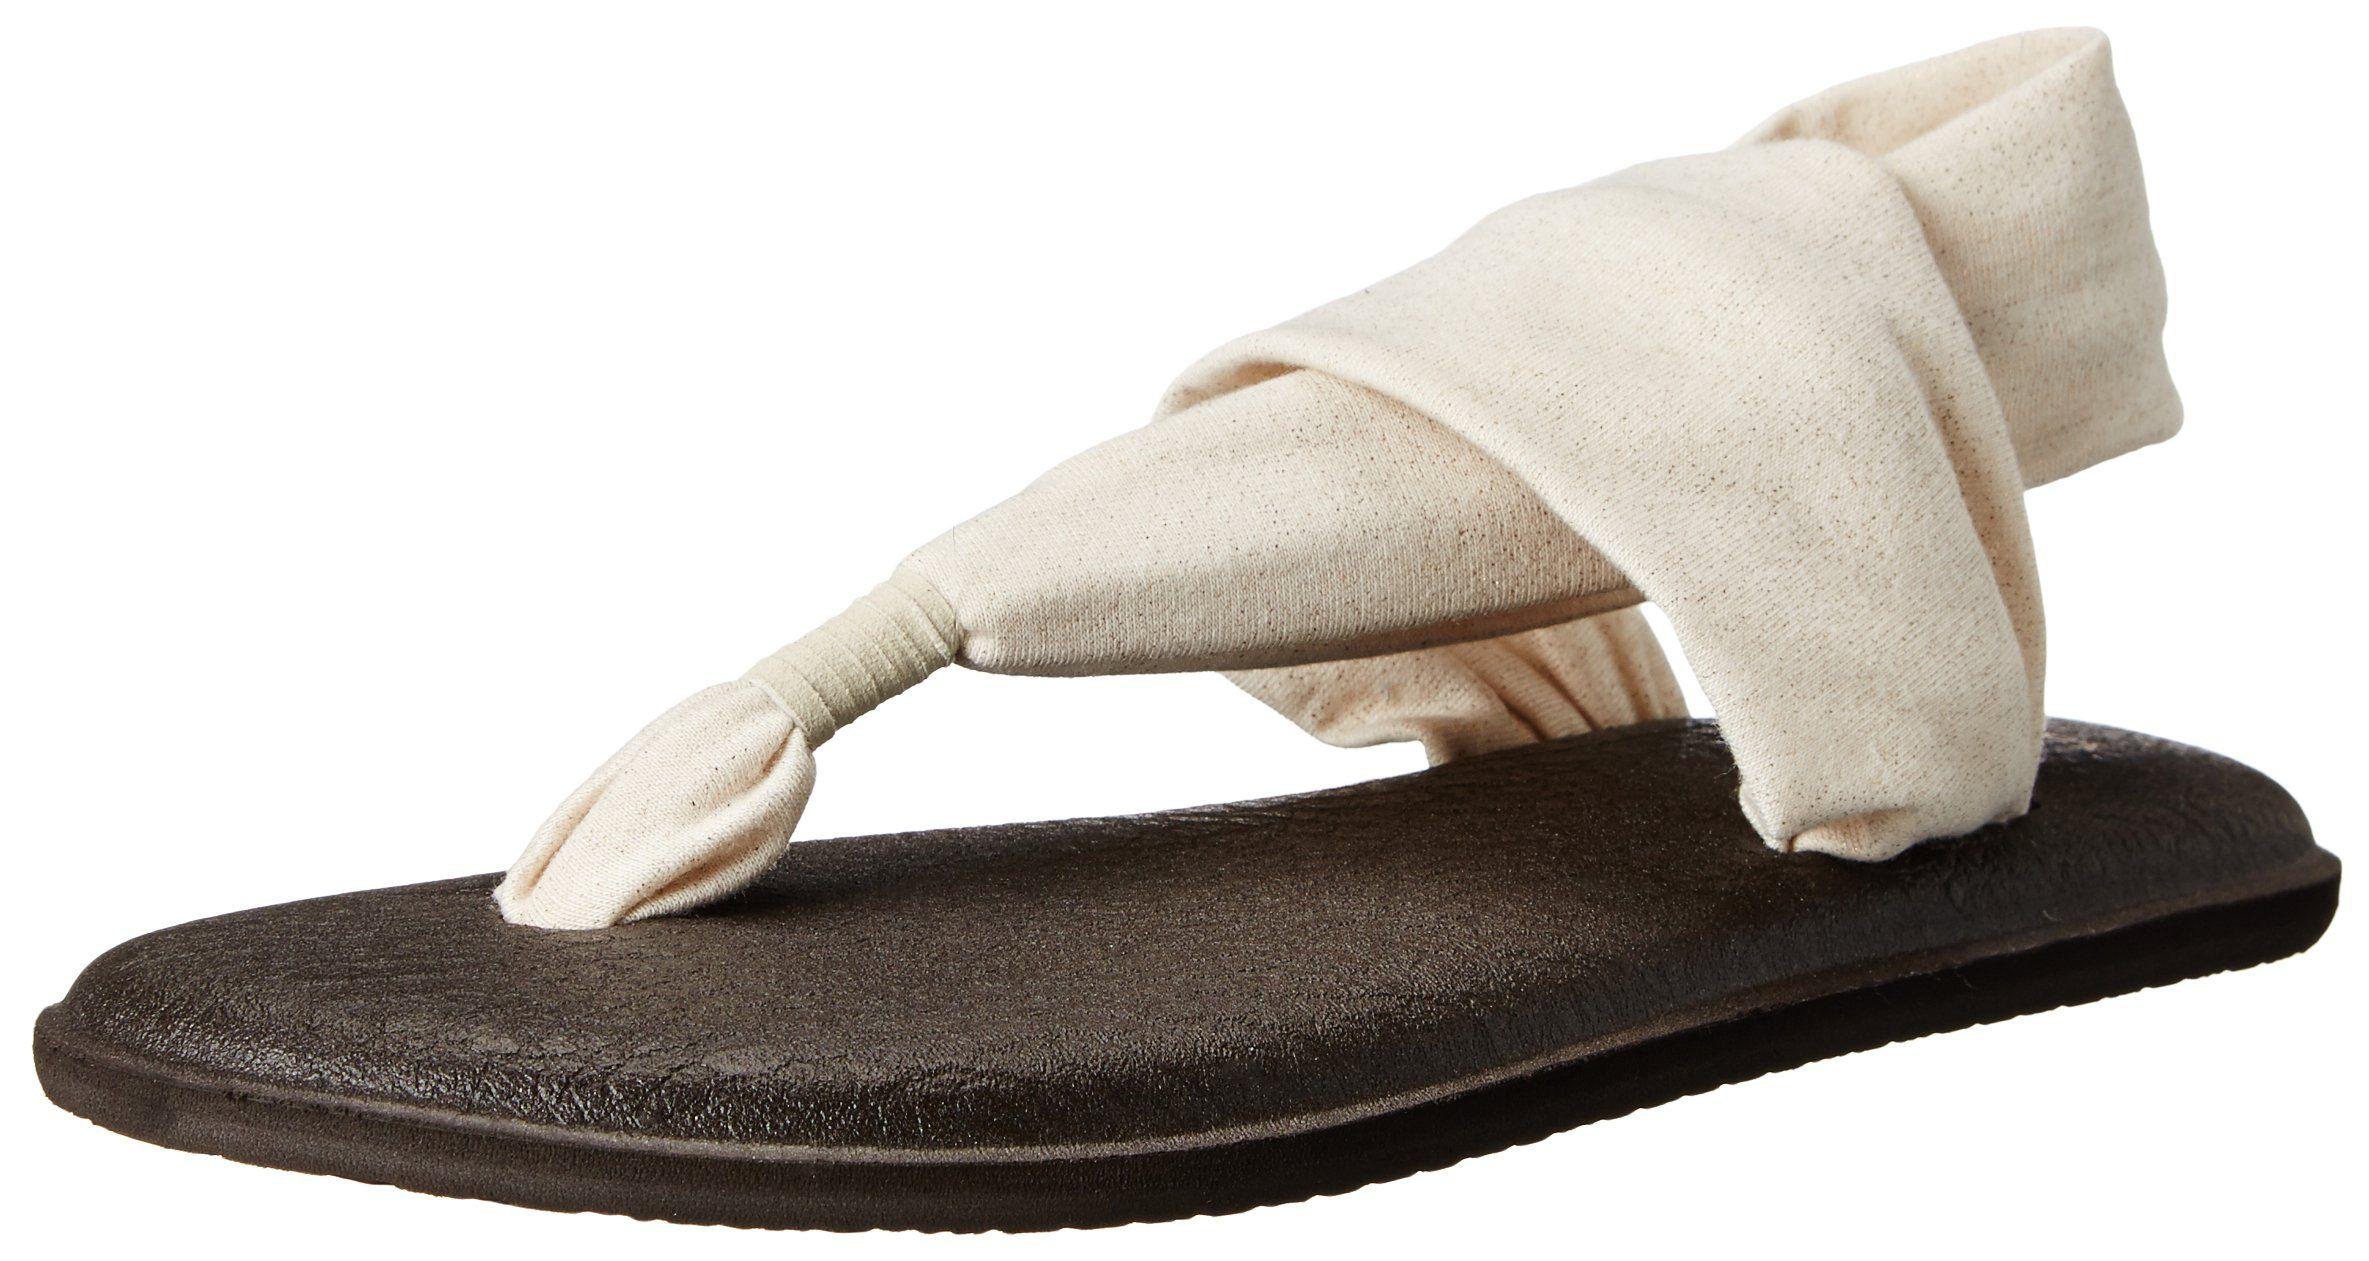 Sanuk Women's Yoga Sling 2 Metallic Flip Flop, Rose Gold, ...